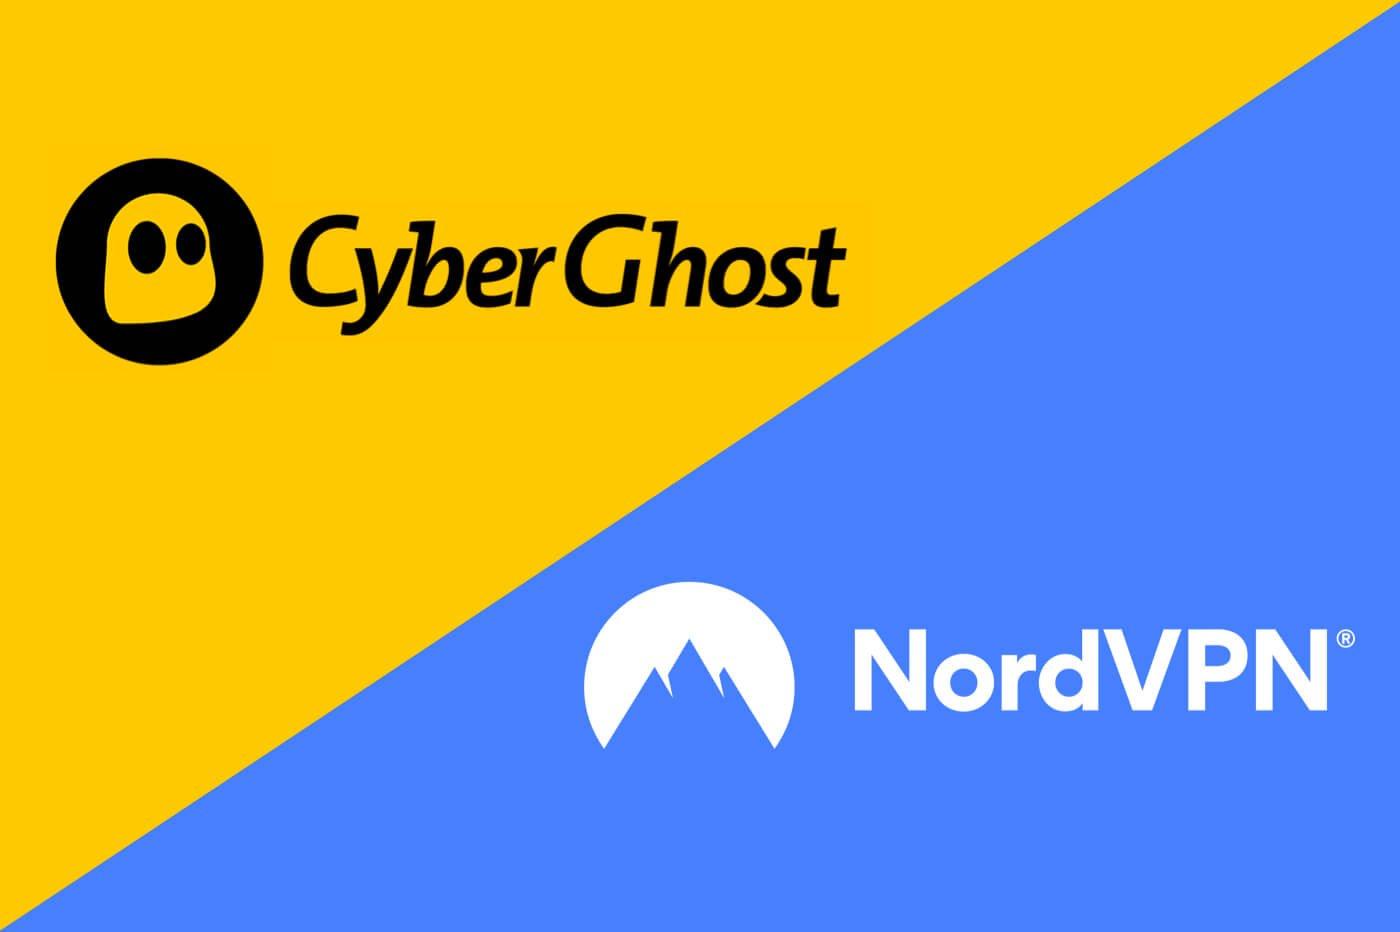 CyberGhost-vs-NordVPN